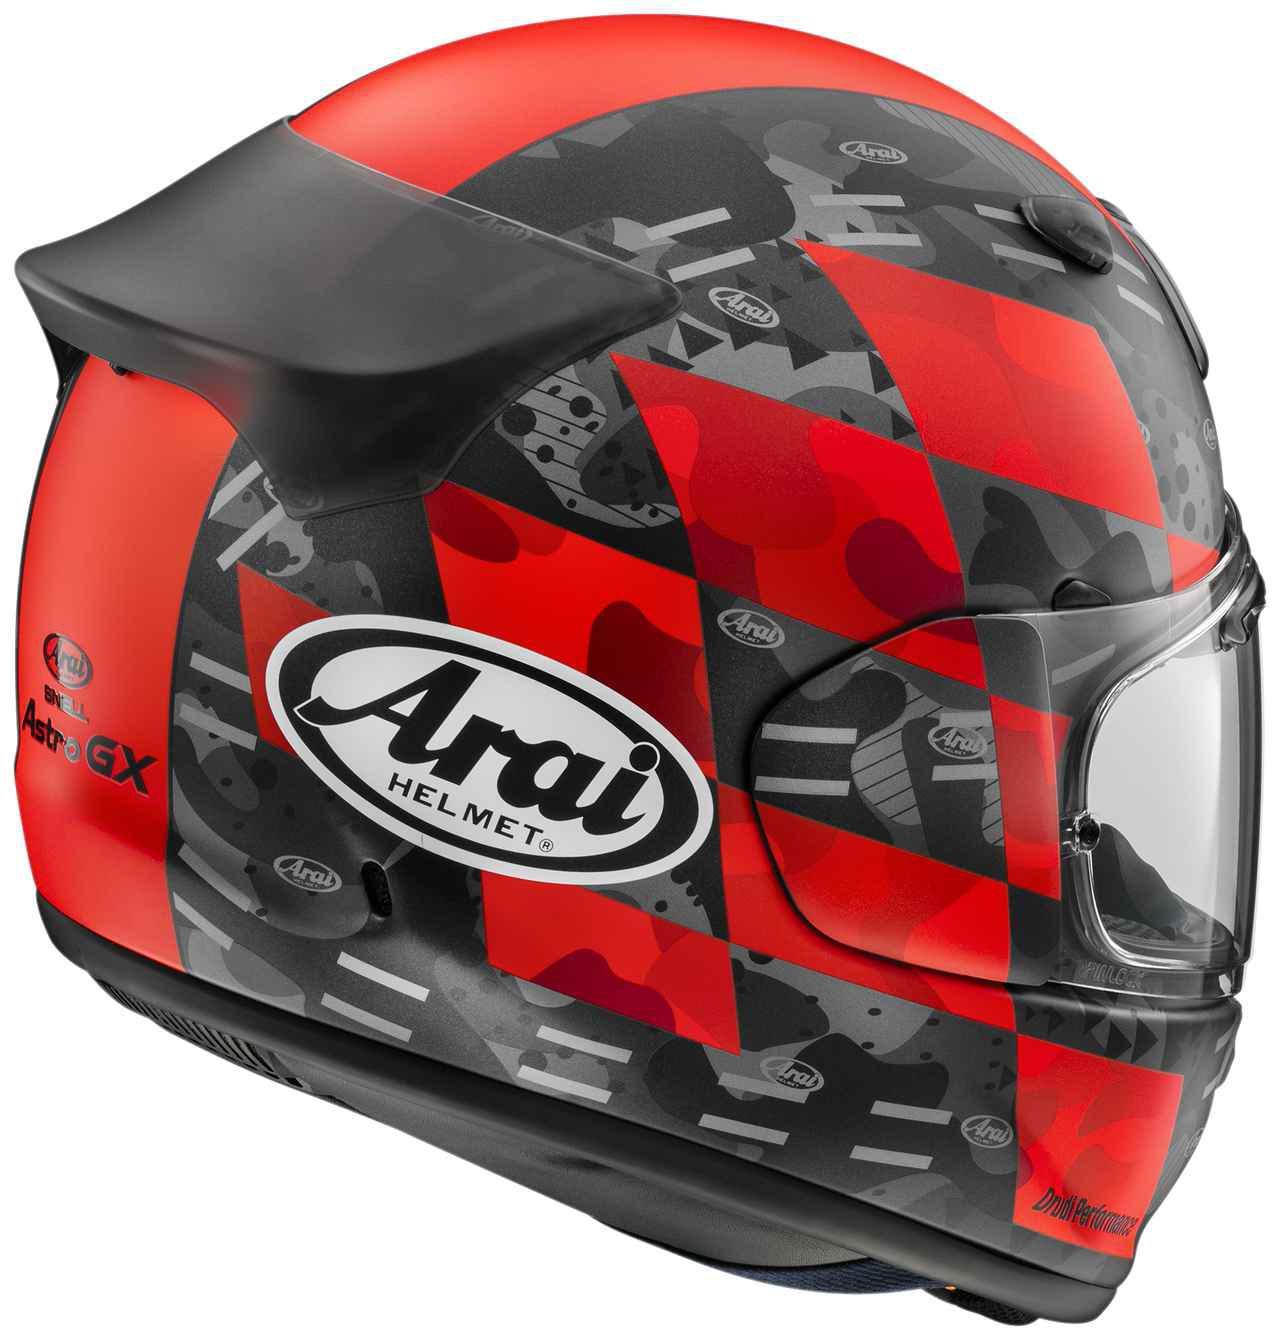 画像2: アライの最新ヘルメット・アストロGXに新たなグラフィックモデル「チェッカー」が登場! カラーは3色の設定